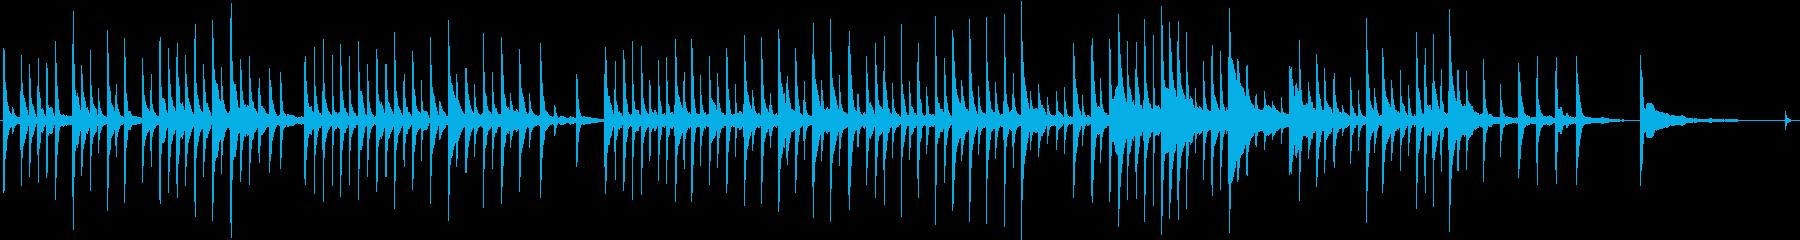 クリスマス 星 赤ちゃん ■ ピアノソロの再生済みの波形